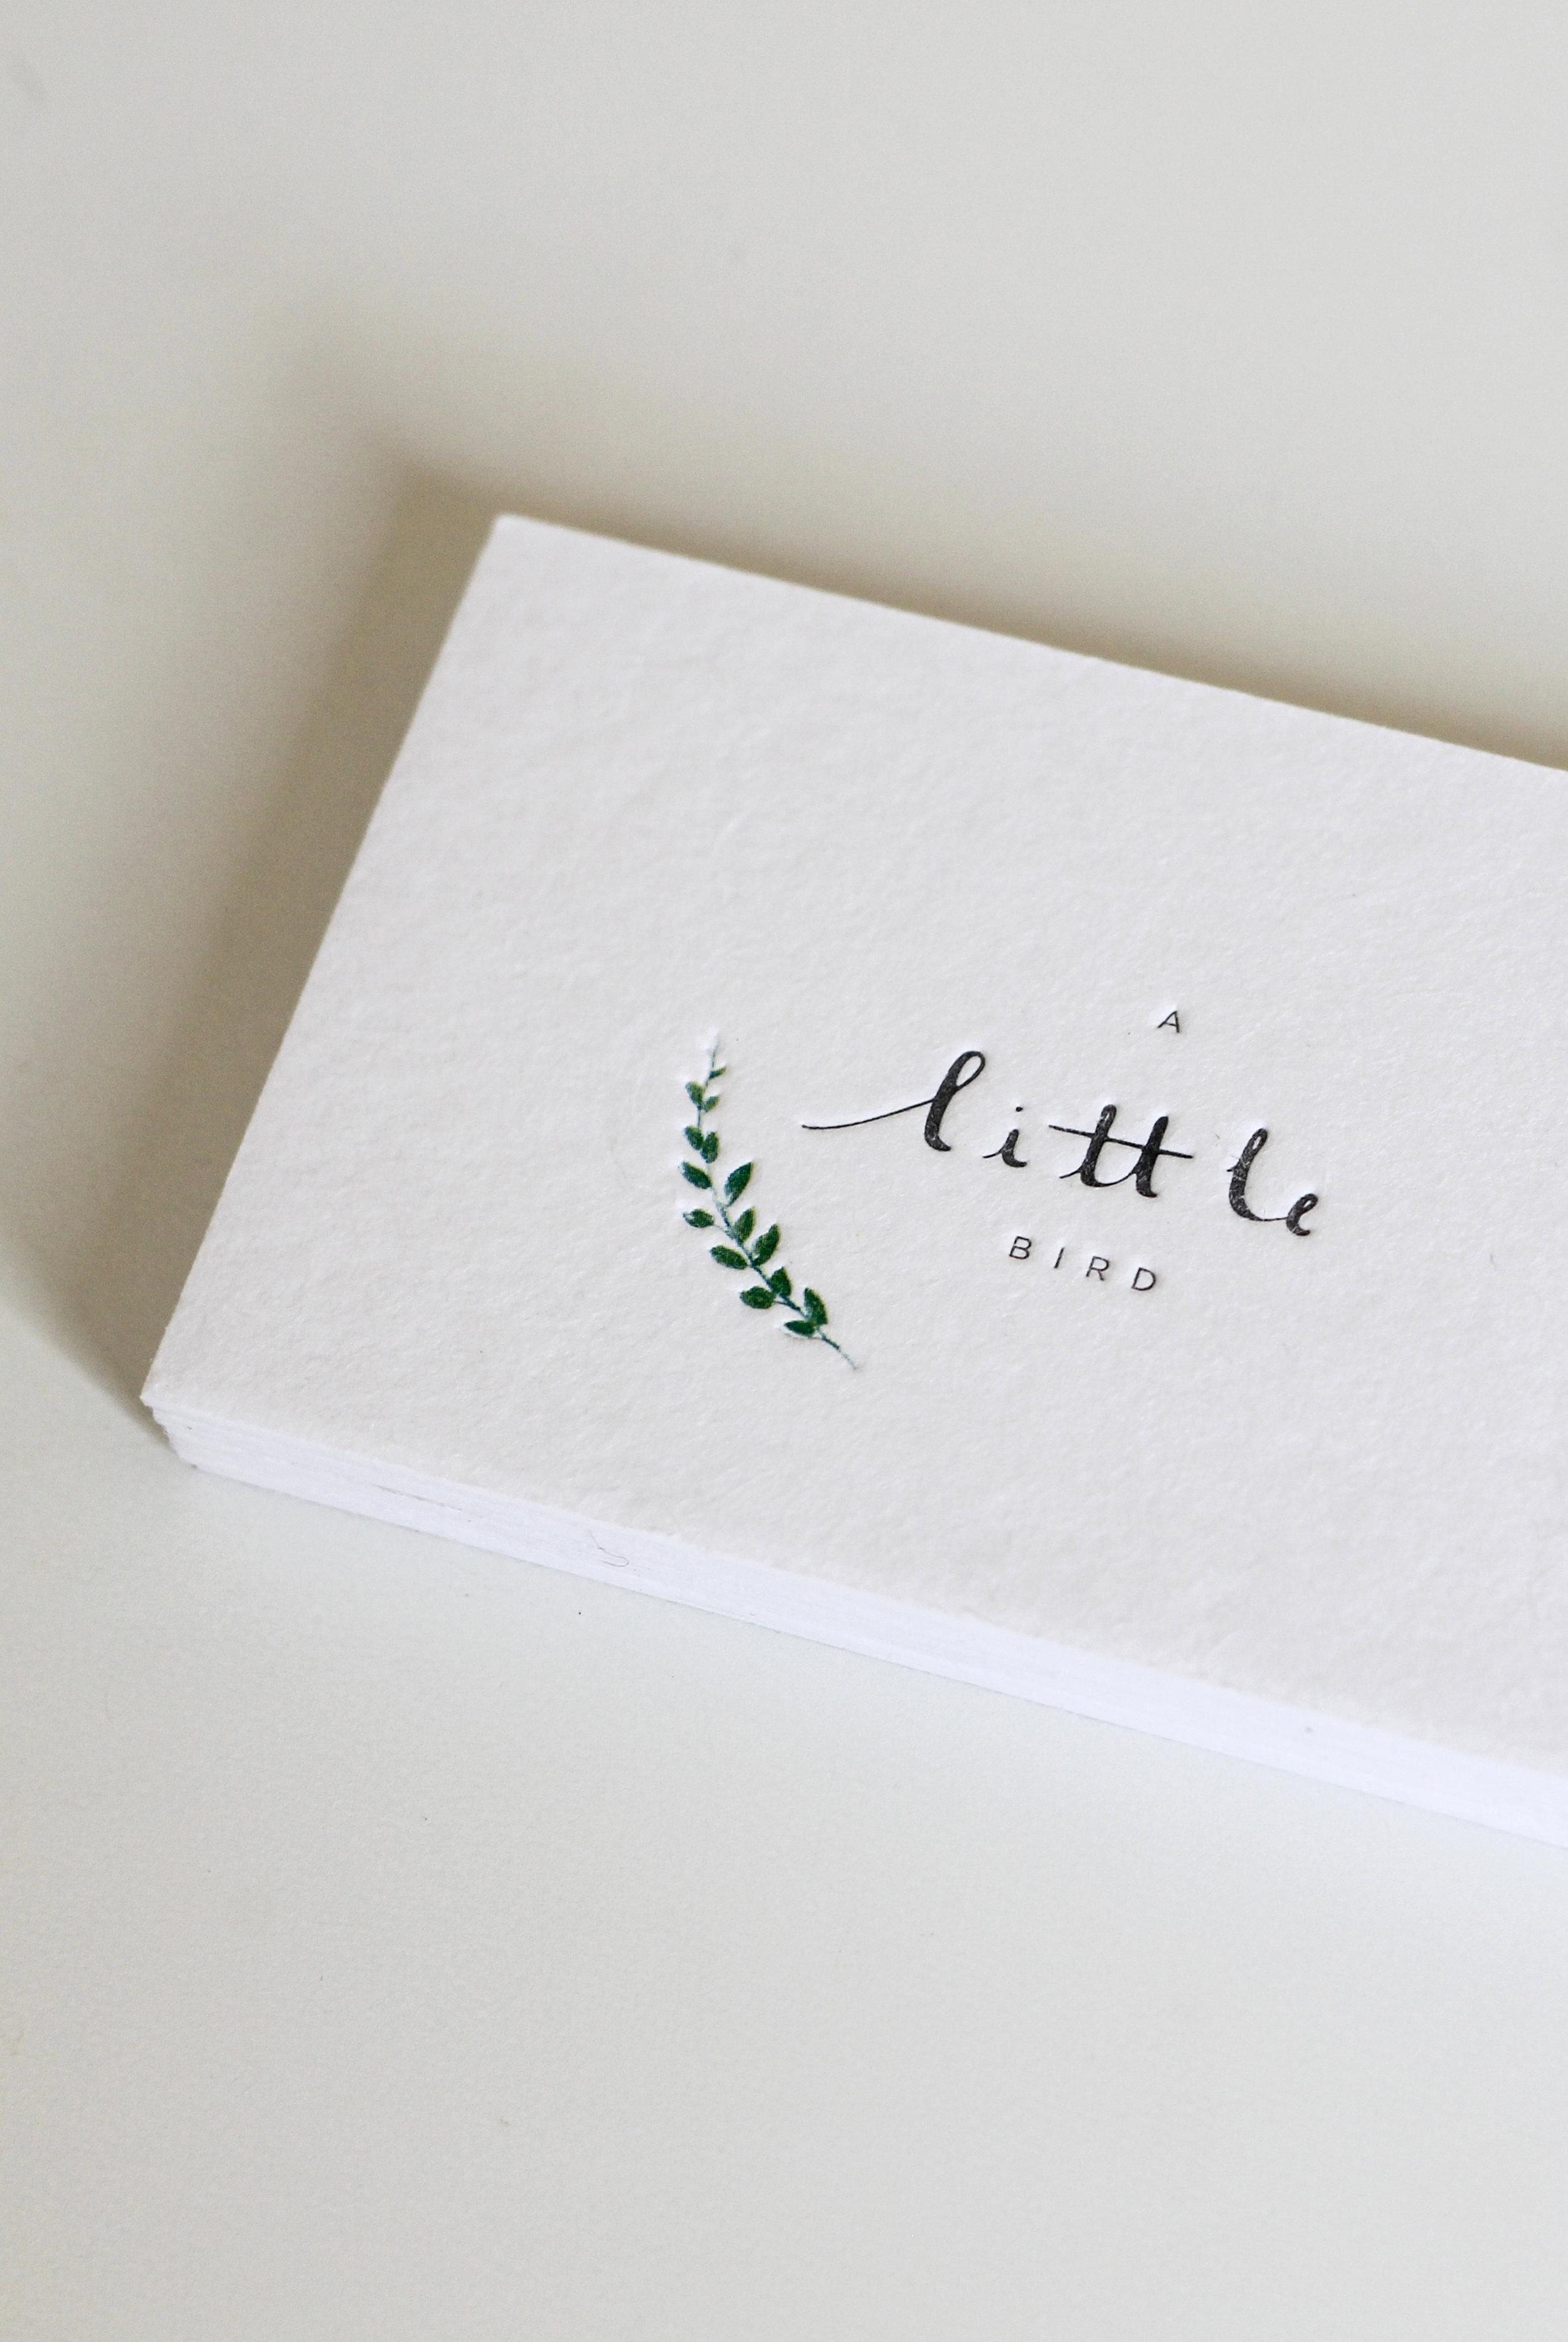 A Little bird/ branding & print design